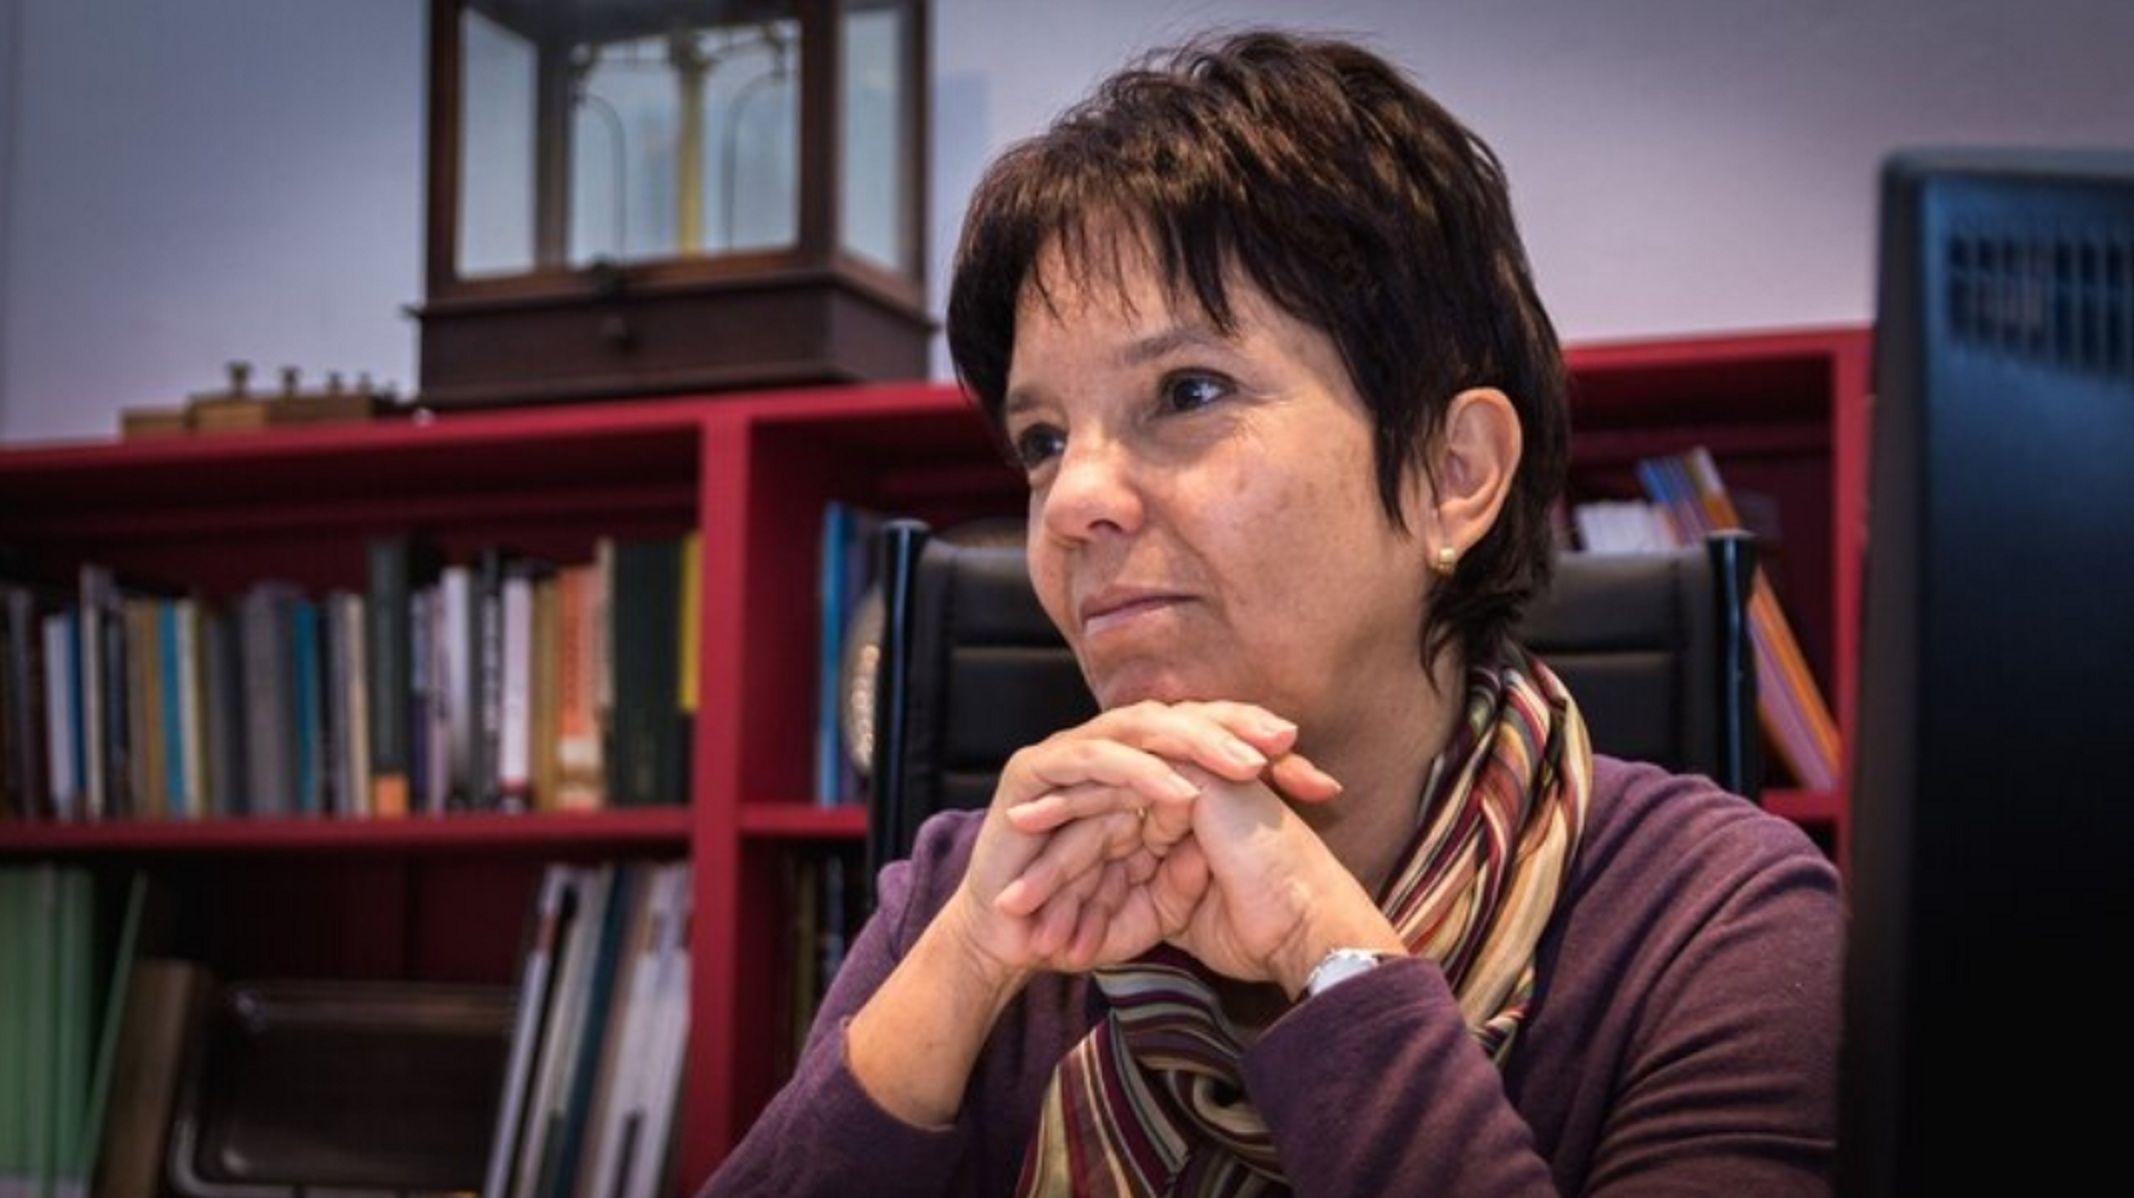 Tras la denuncia de Cristina, la AFIP ordenó una investigación